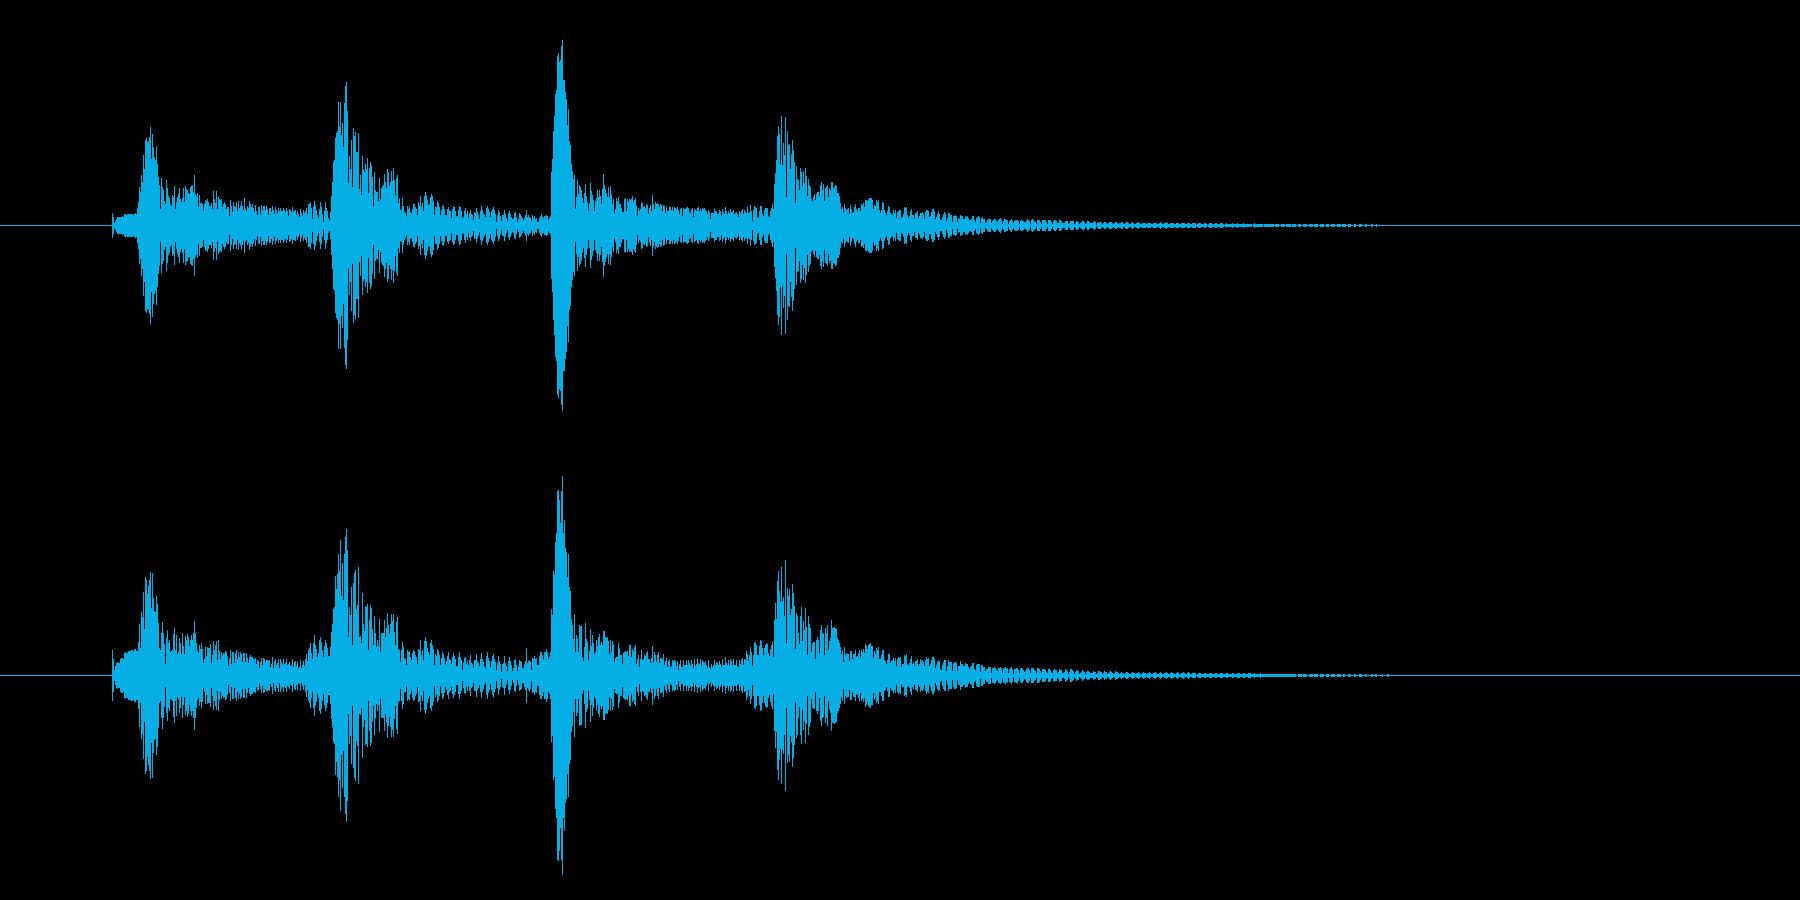 ピコピコッ/通知/テロップ/コミカル_2の再生済みの波形